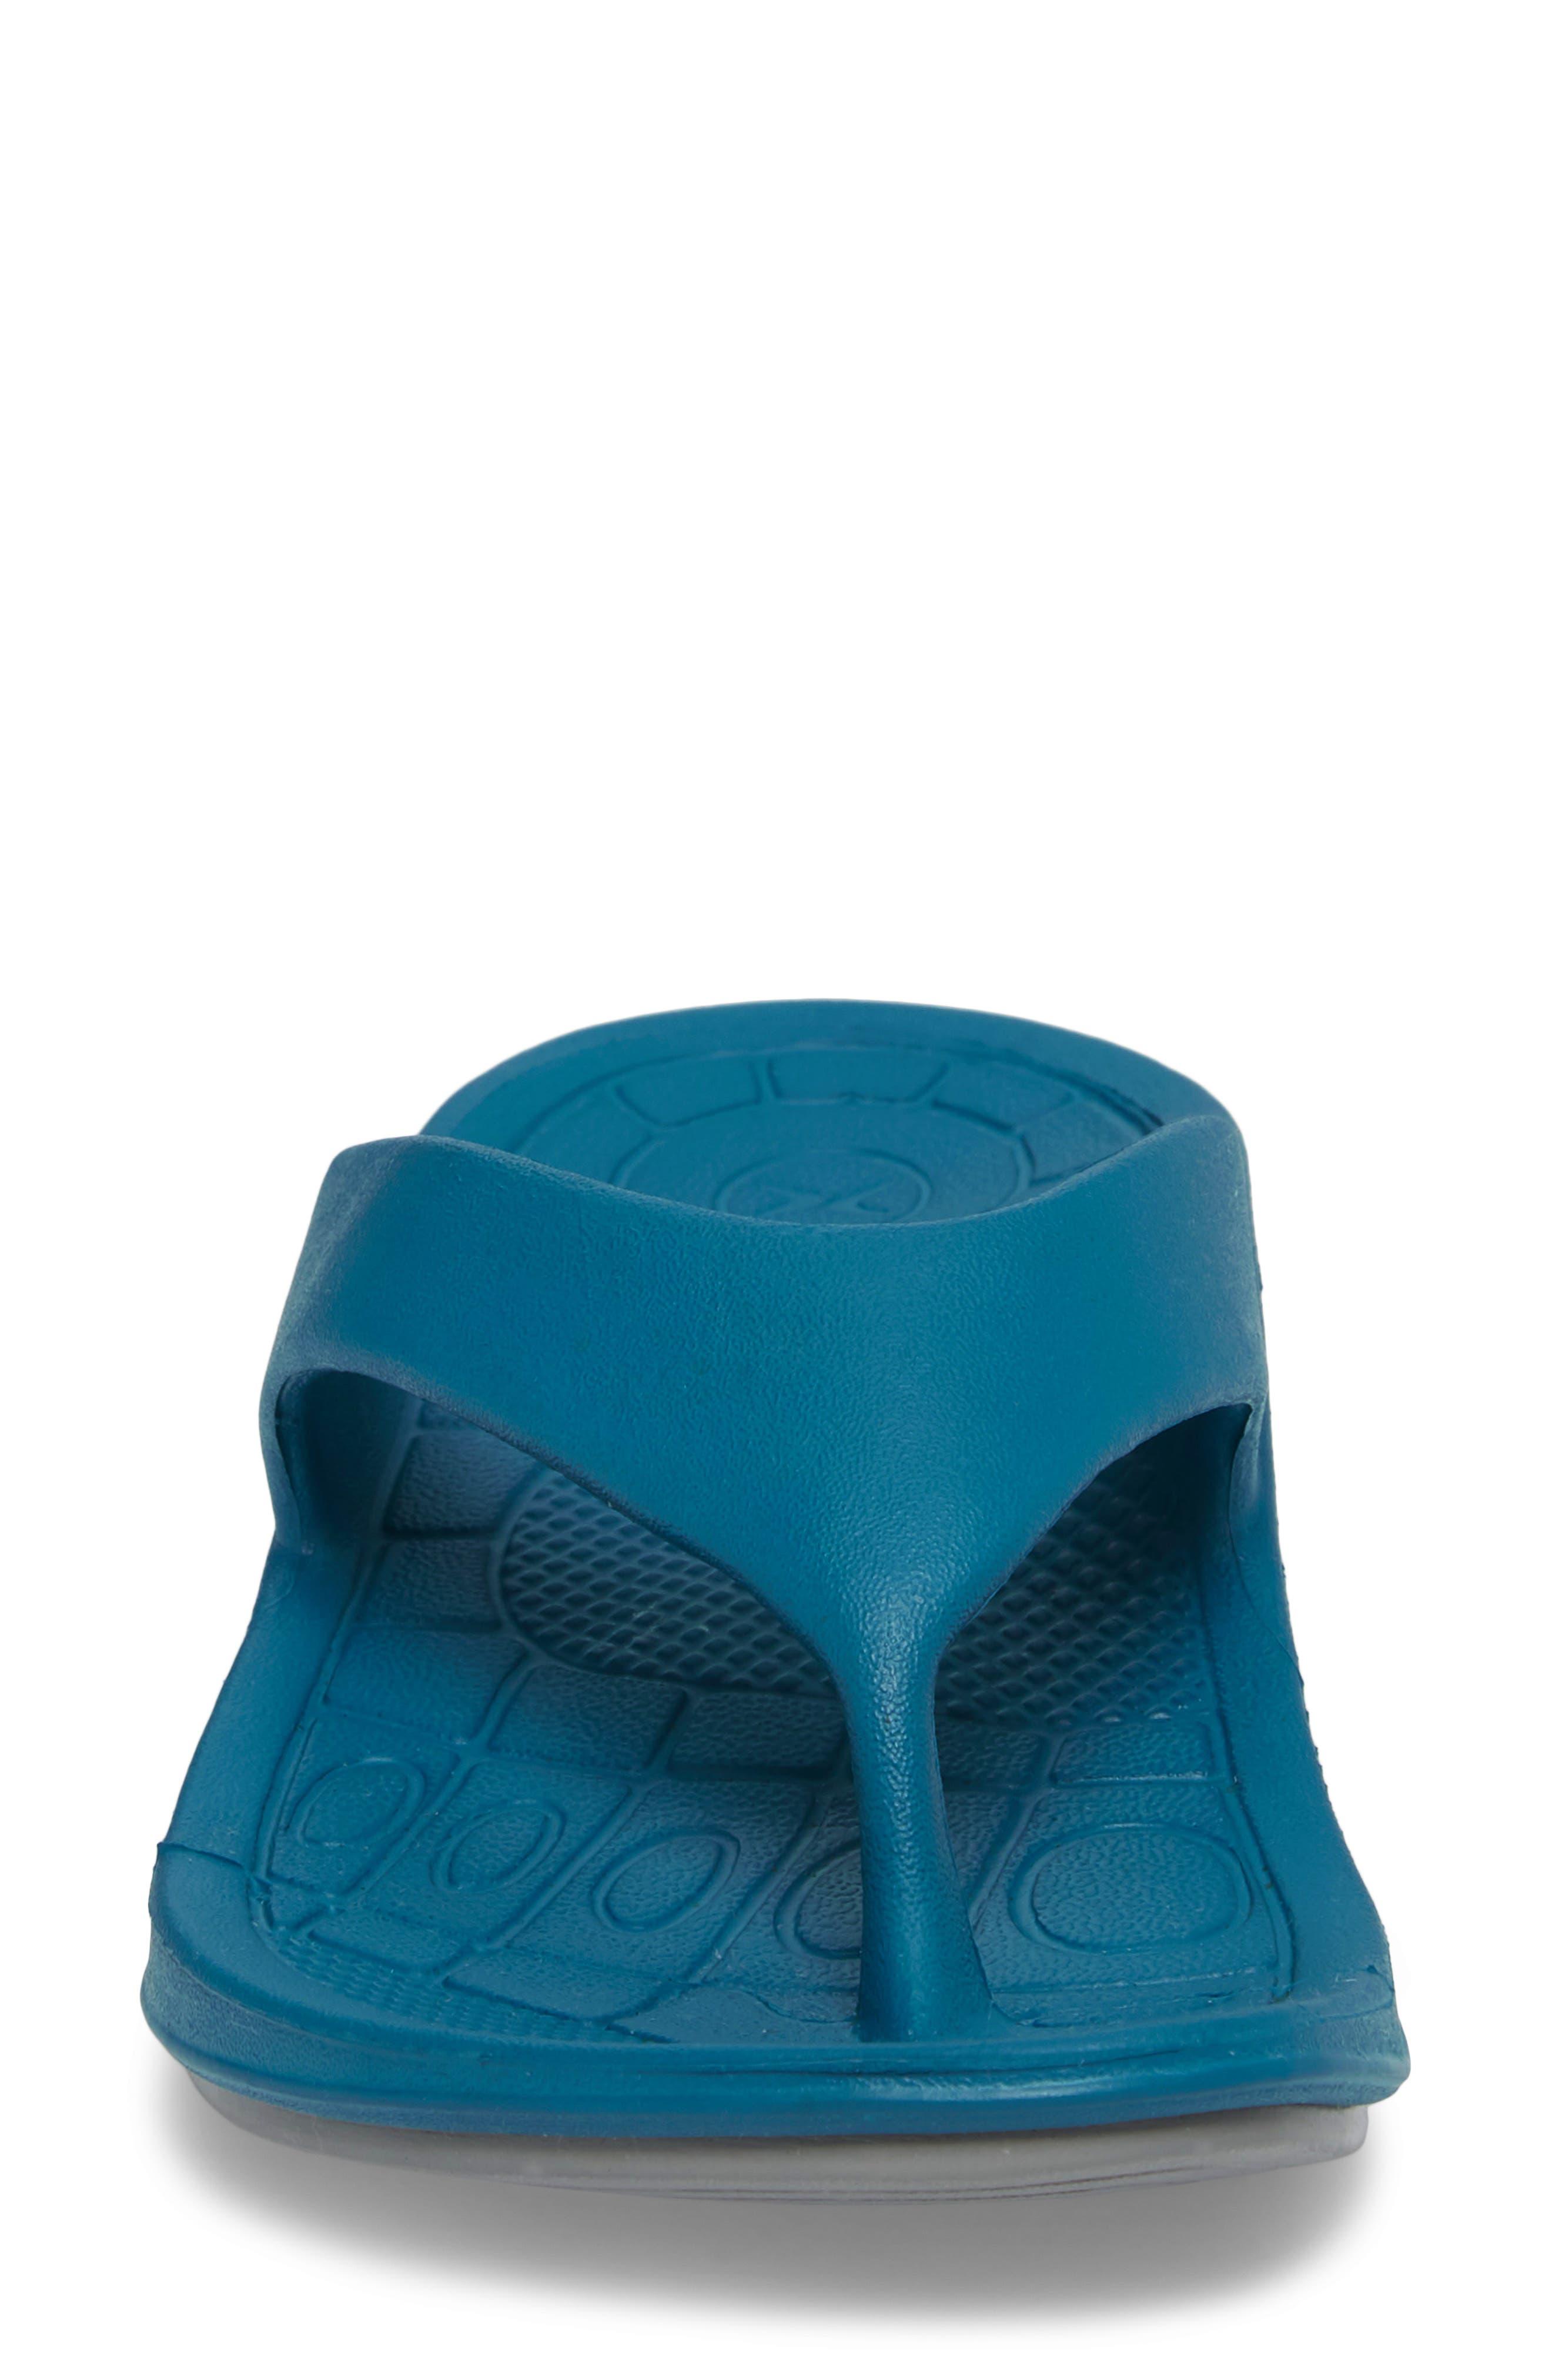 Lynco Flip Flop,                             Alternate thumbnail 4, color,                             Blue